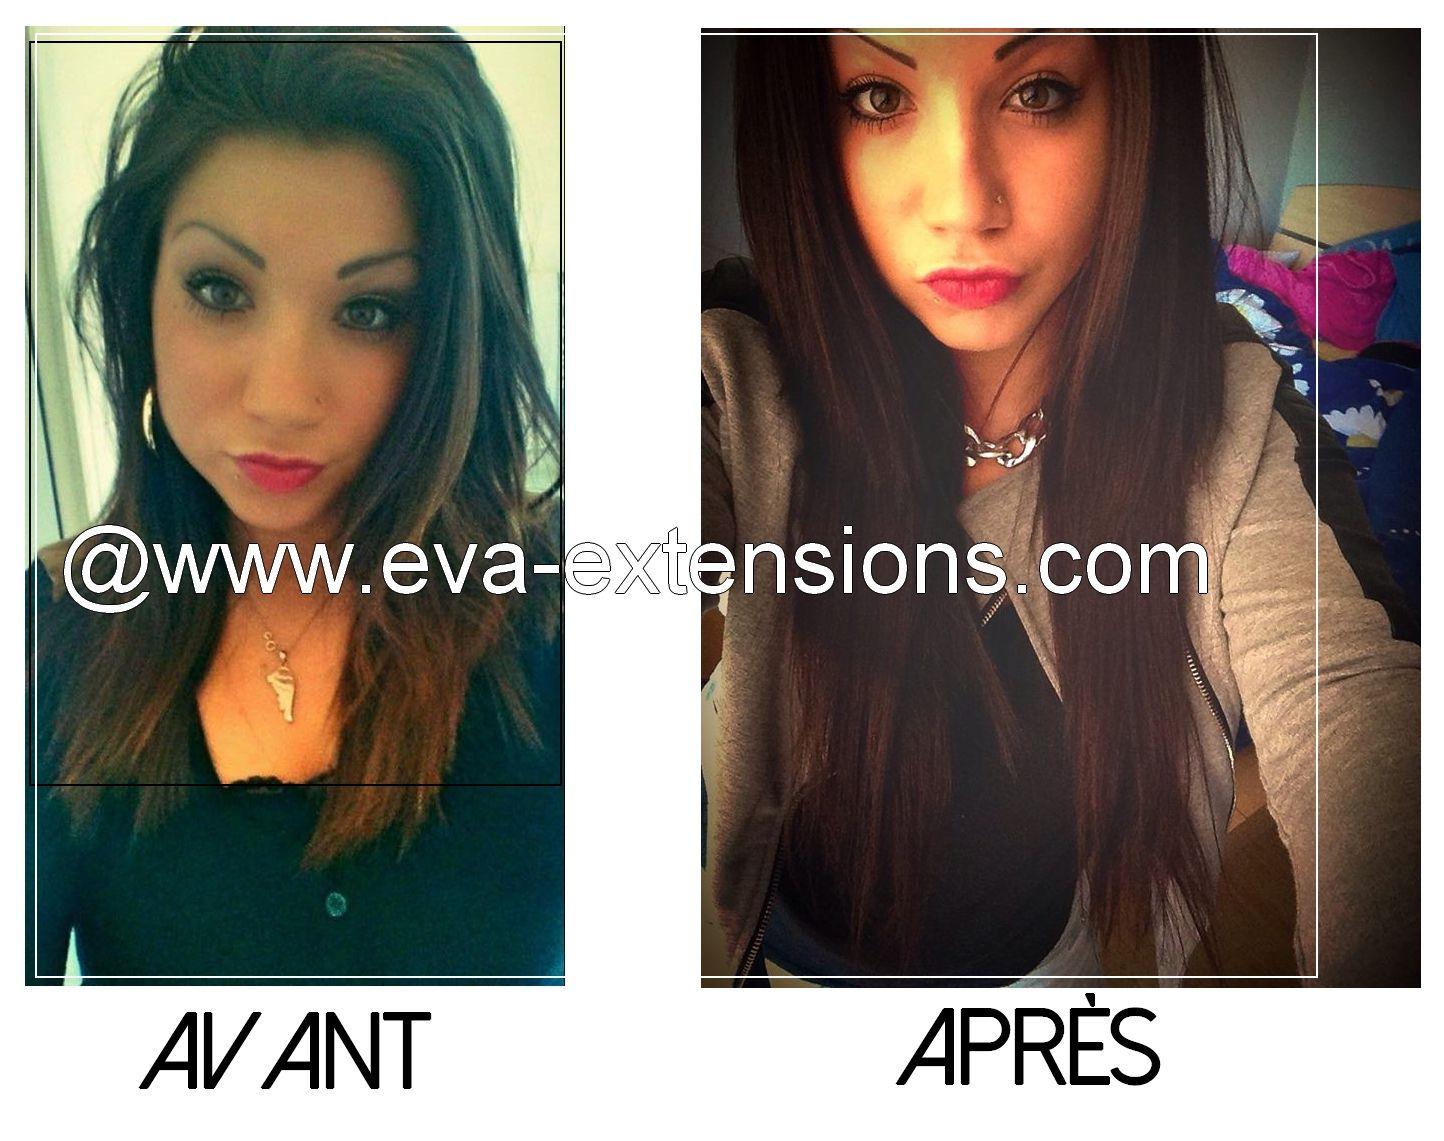 Photo avant/après avec des extensions à clips EVA. Fanny